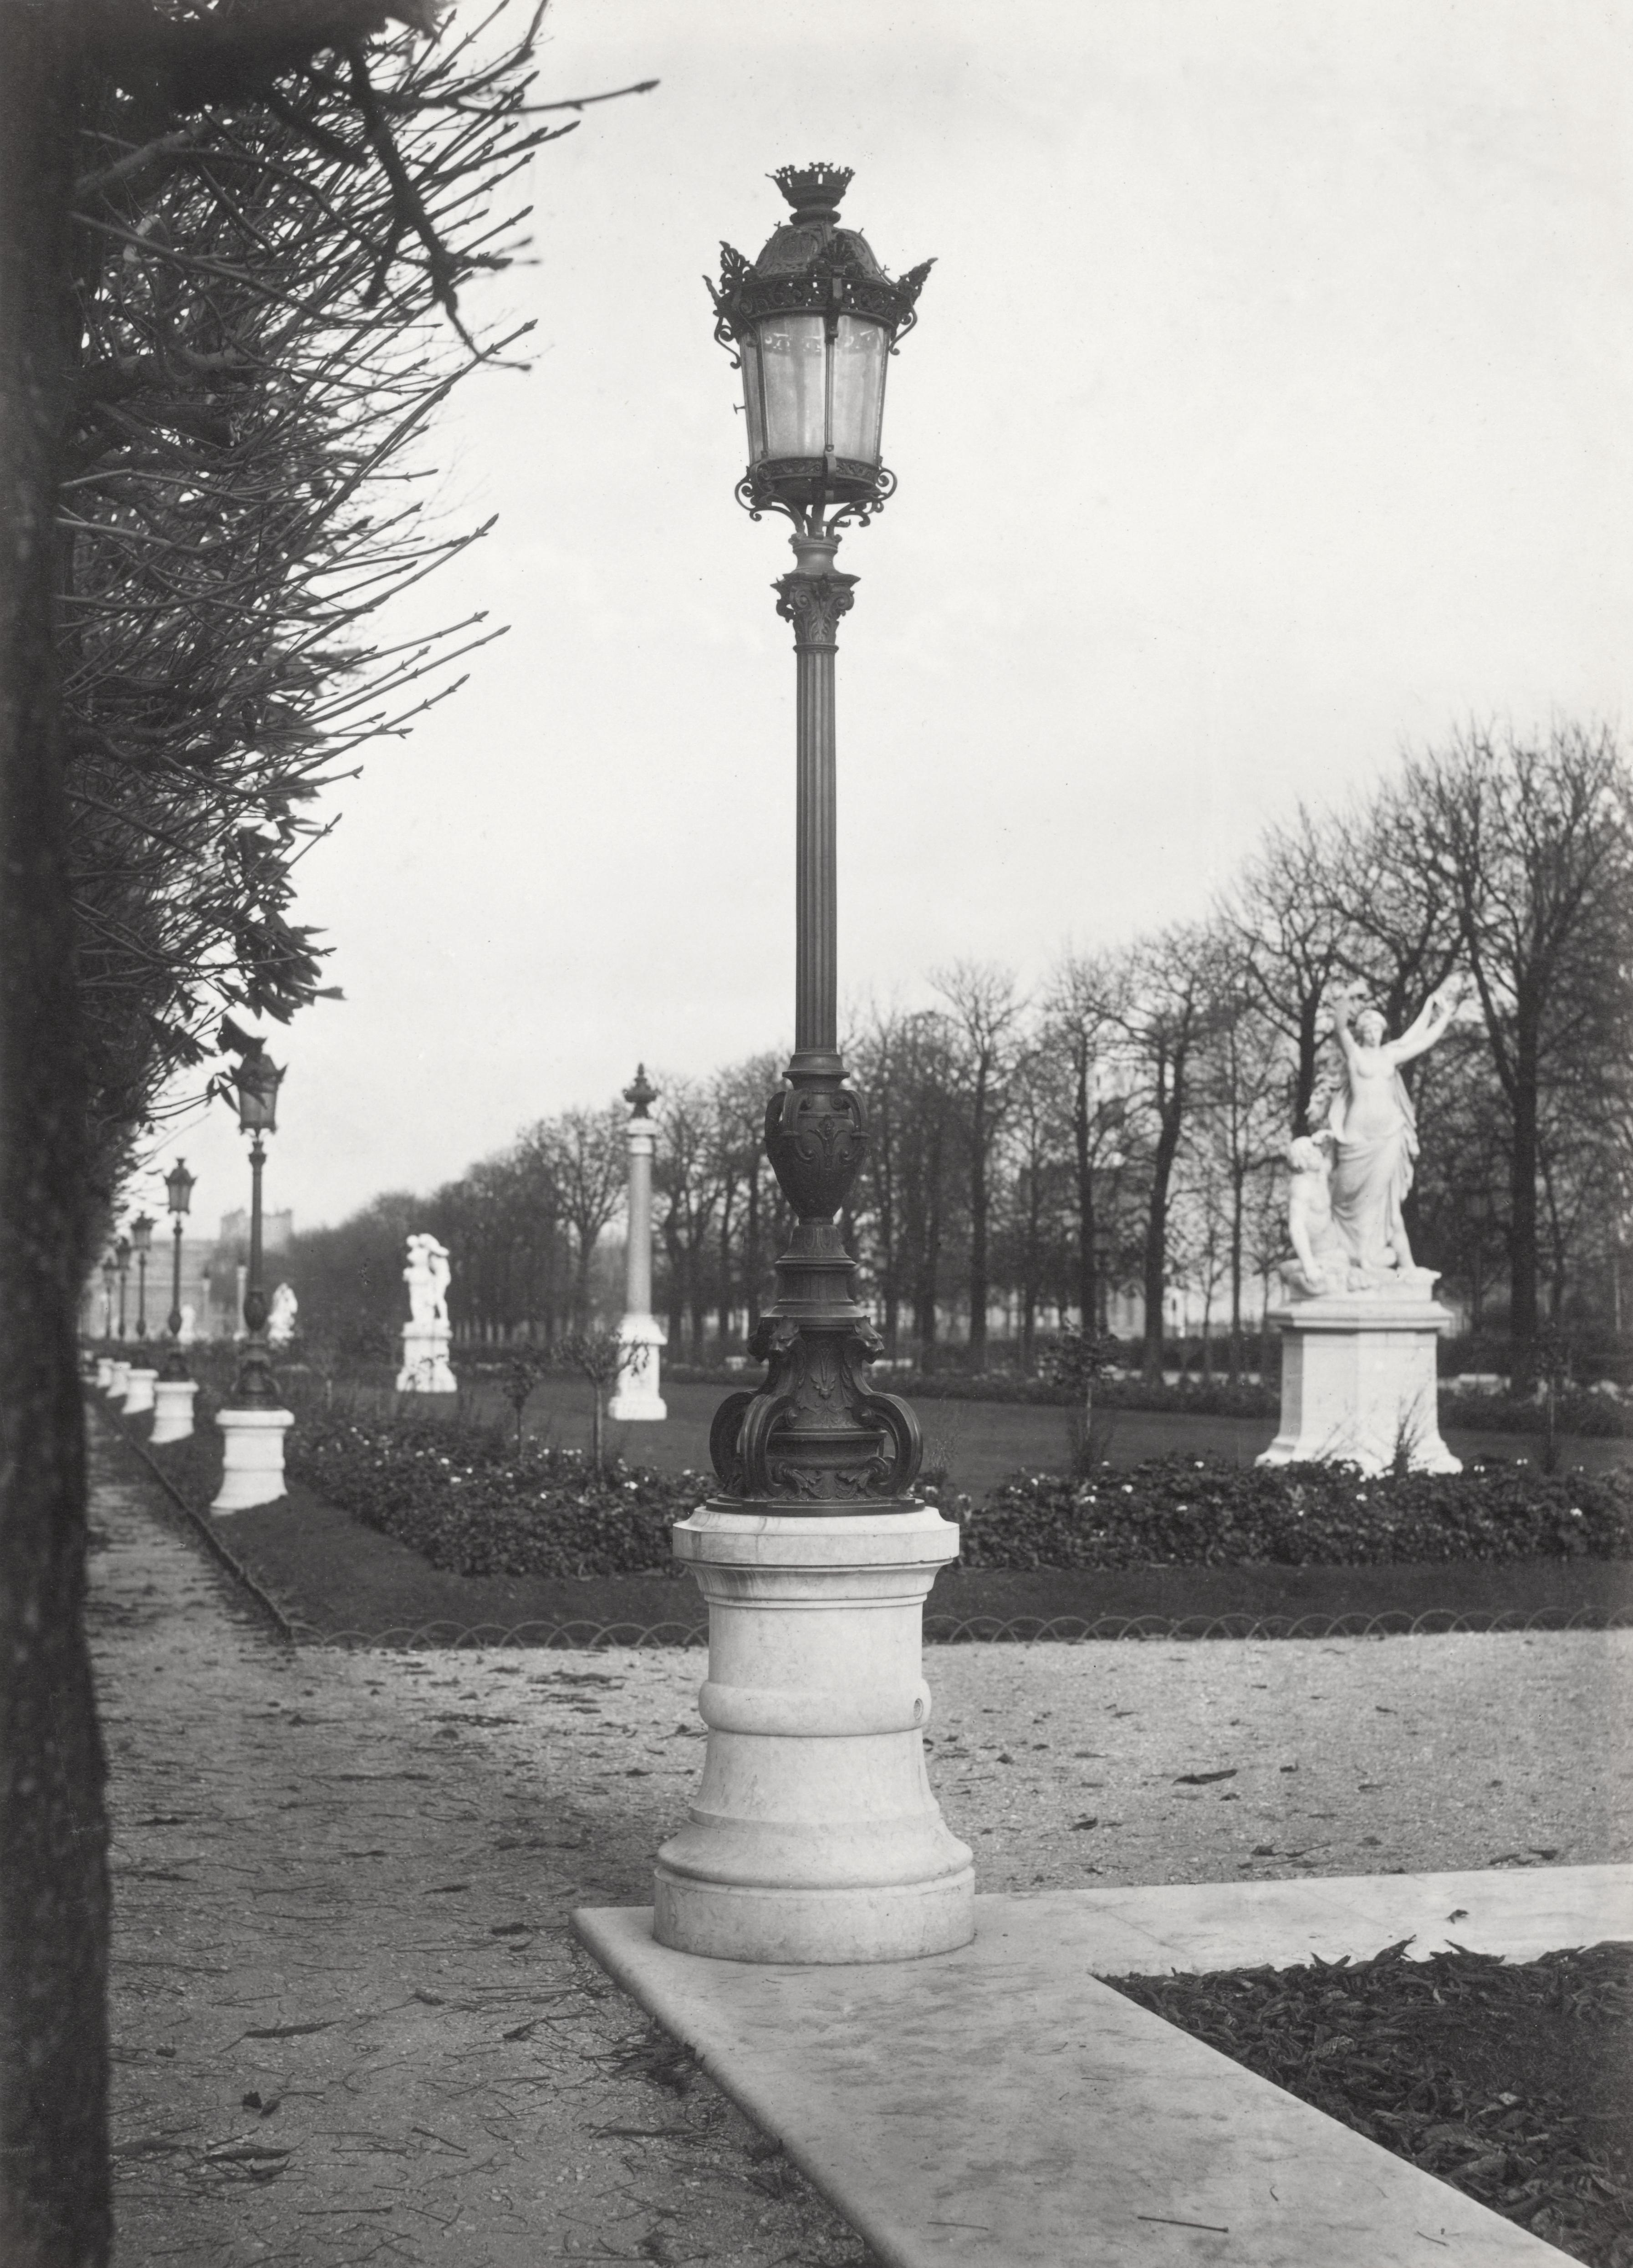 Lampadaire De Ville Style Ancien  Ef Bf Bd B Ef Bf Bddarieux Photos